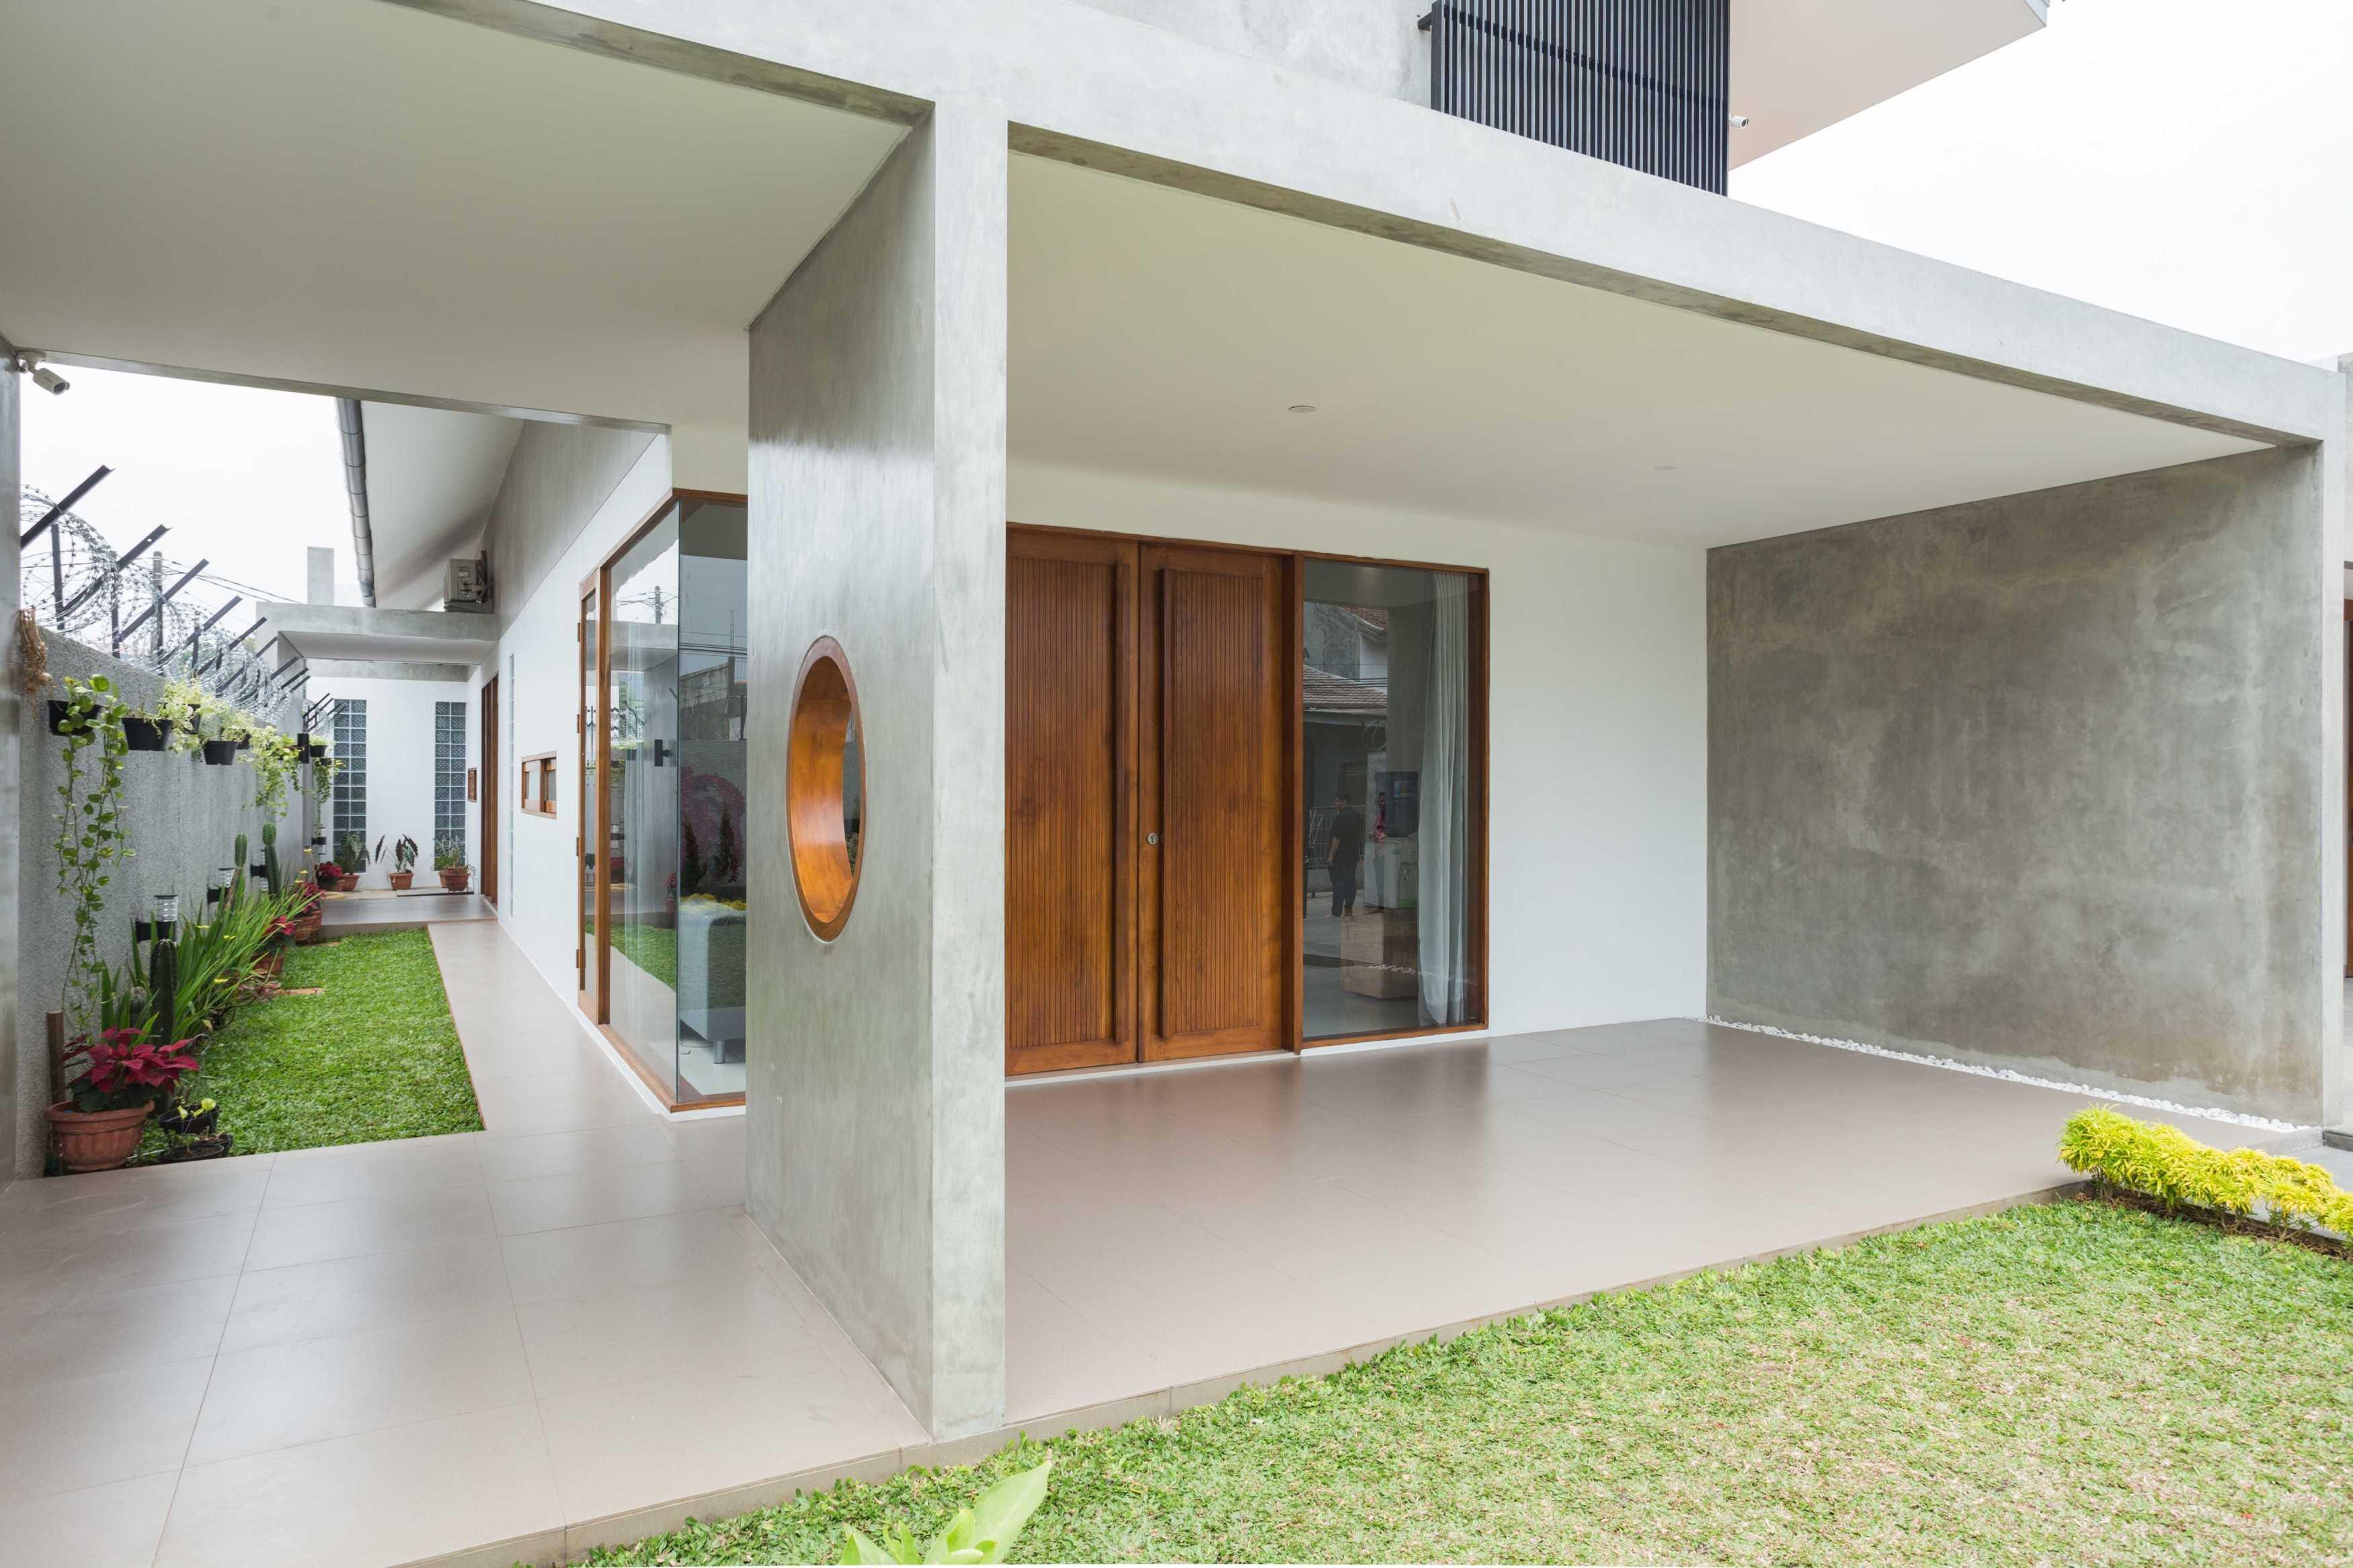 Guntur Haryadi Architecture Studio Ni House Depok, Kota Depok, Jawa Barat, Indonesia Depok, Kota Depok, Jawa Barat, Indonesia Guntur-Haryadi-Architecture-Studio-Ni-House   62612